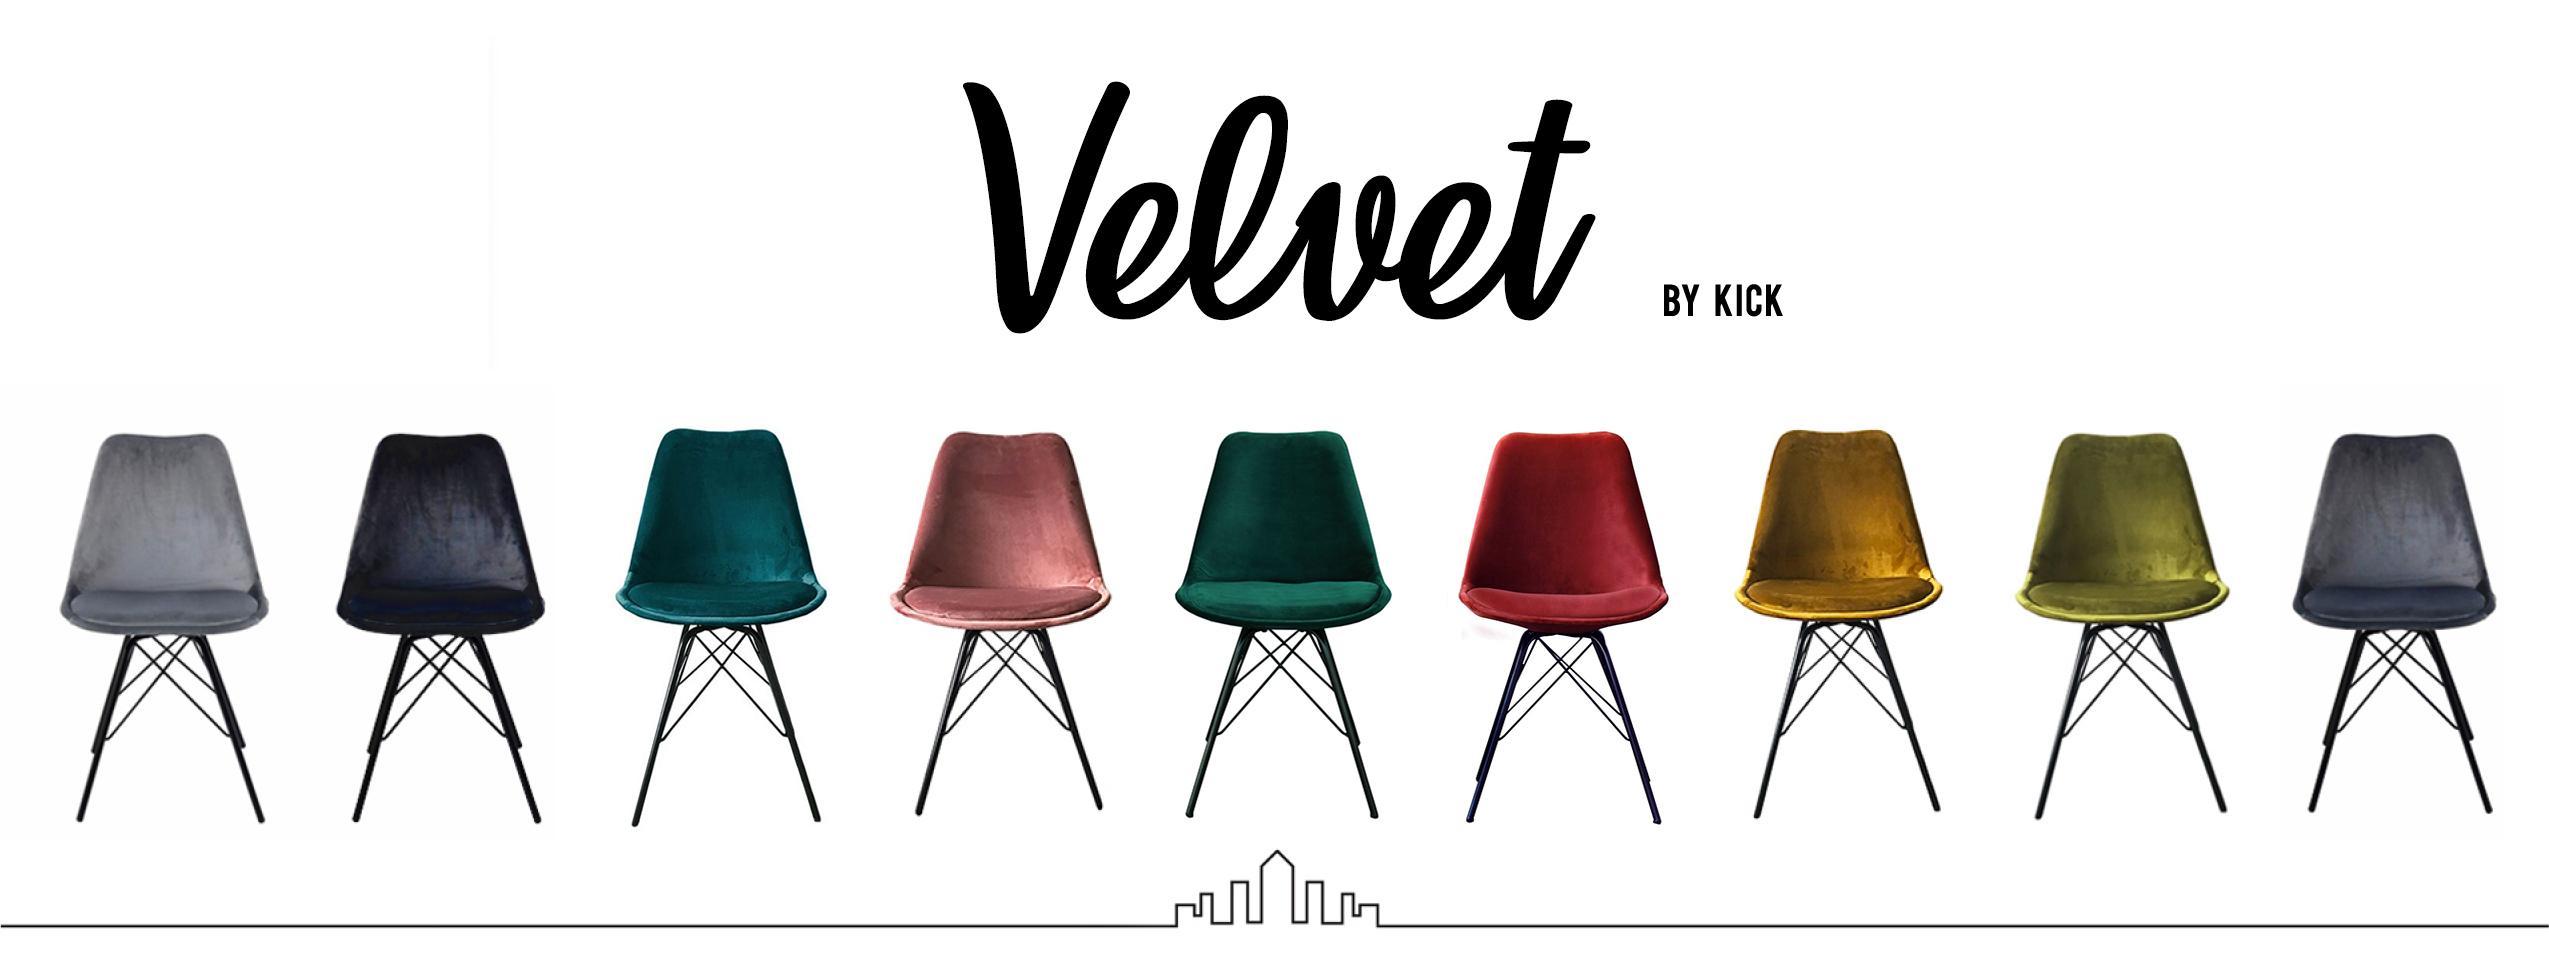 Kick Kuipstoel Velvet